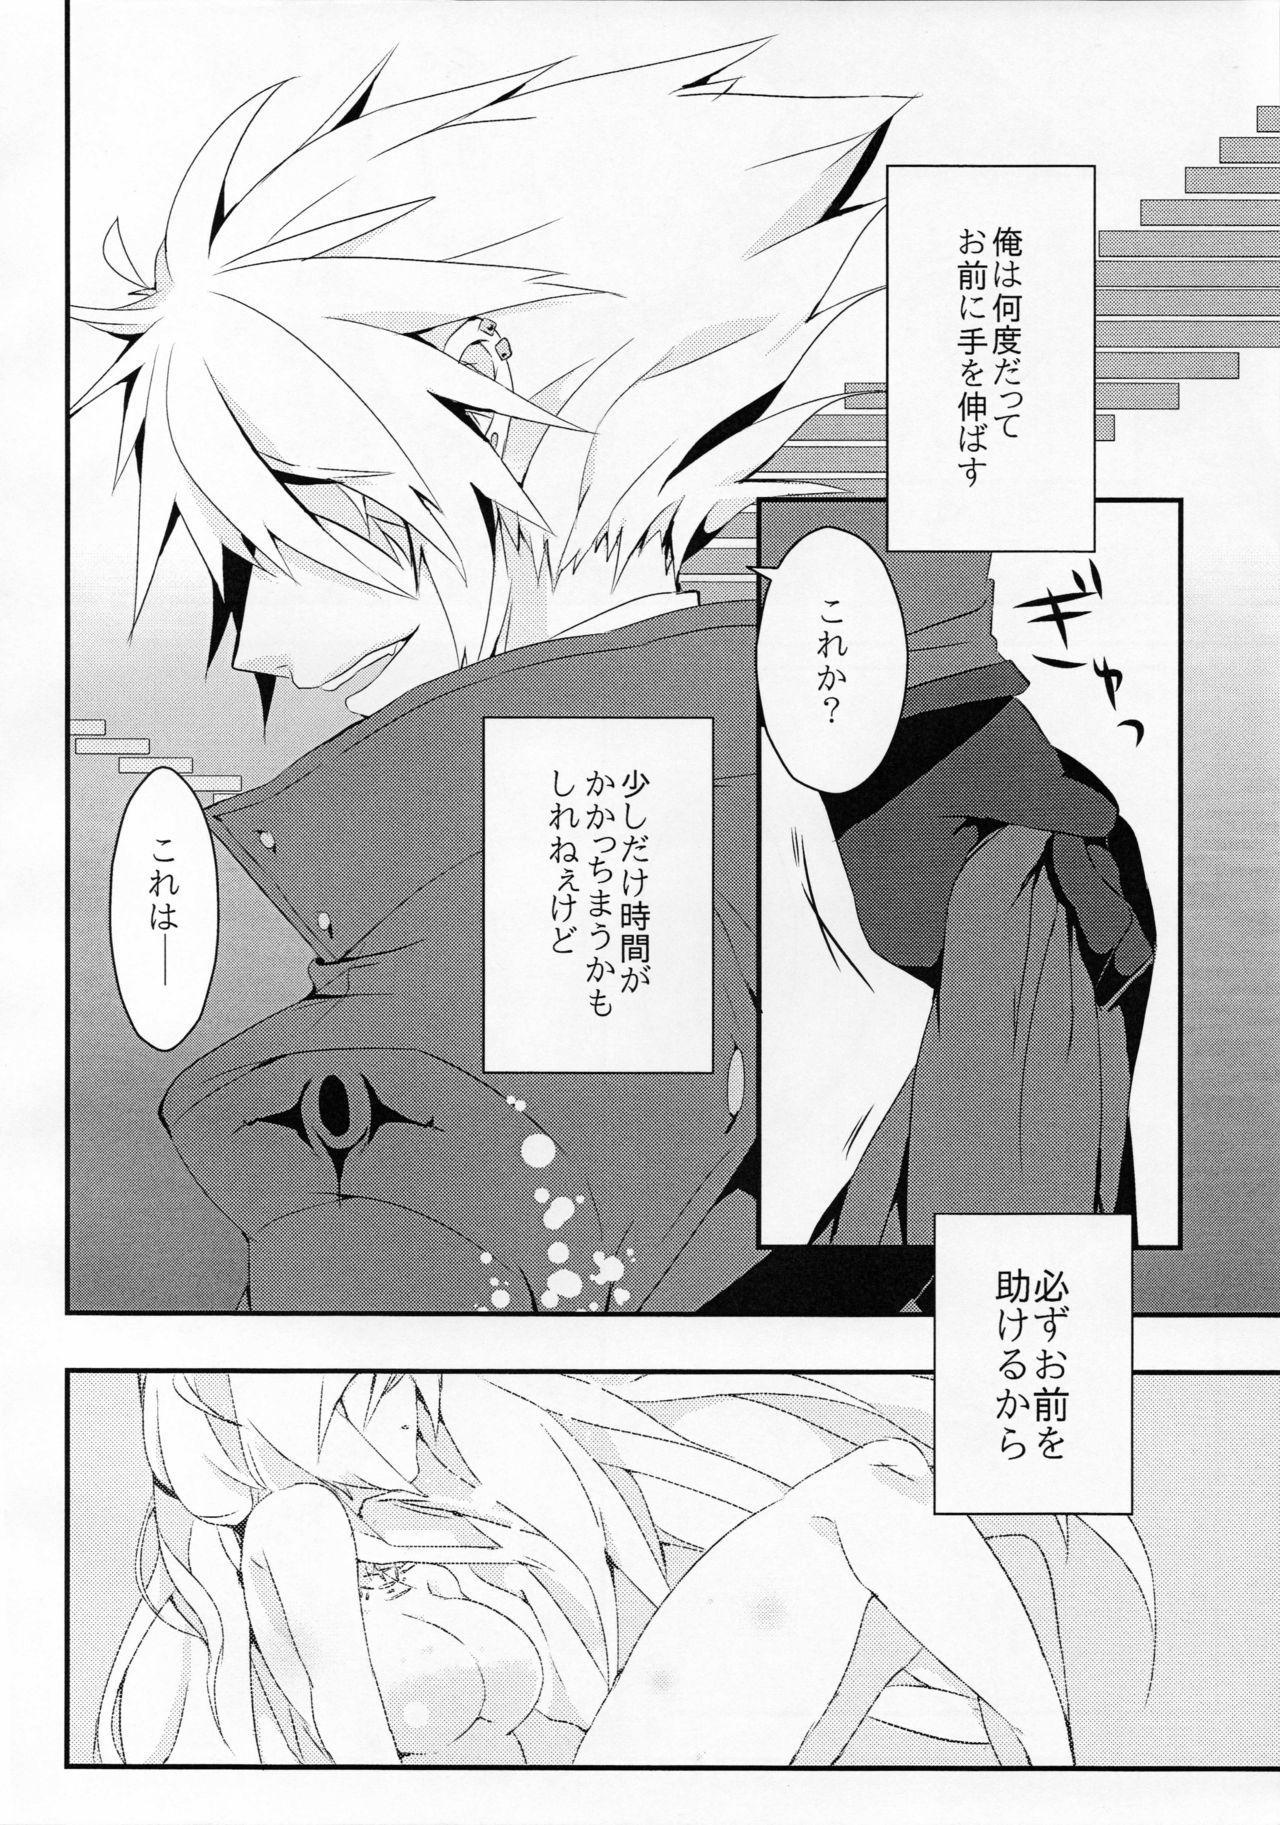 Ningyou no Miru Yume wa 48